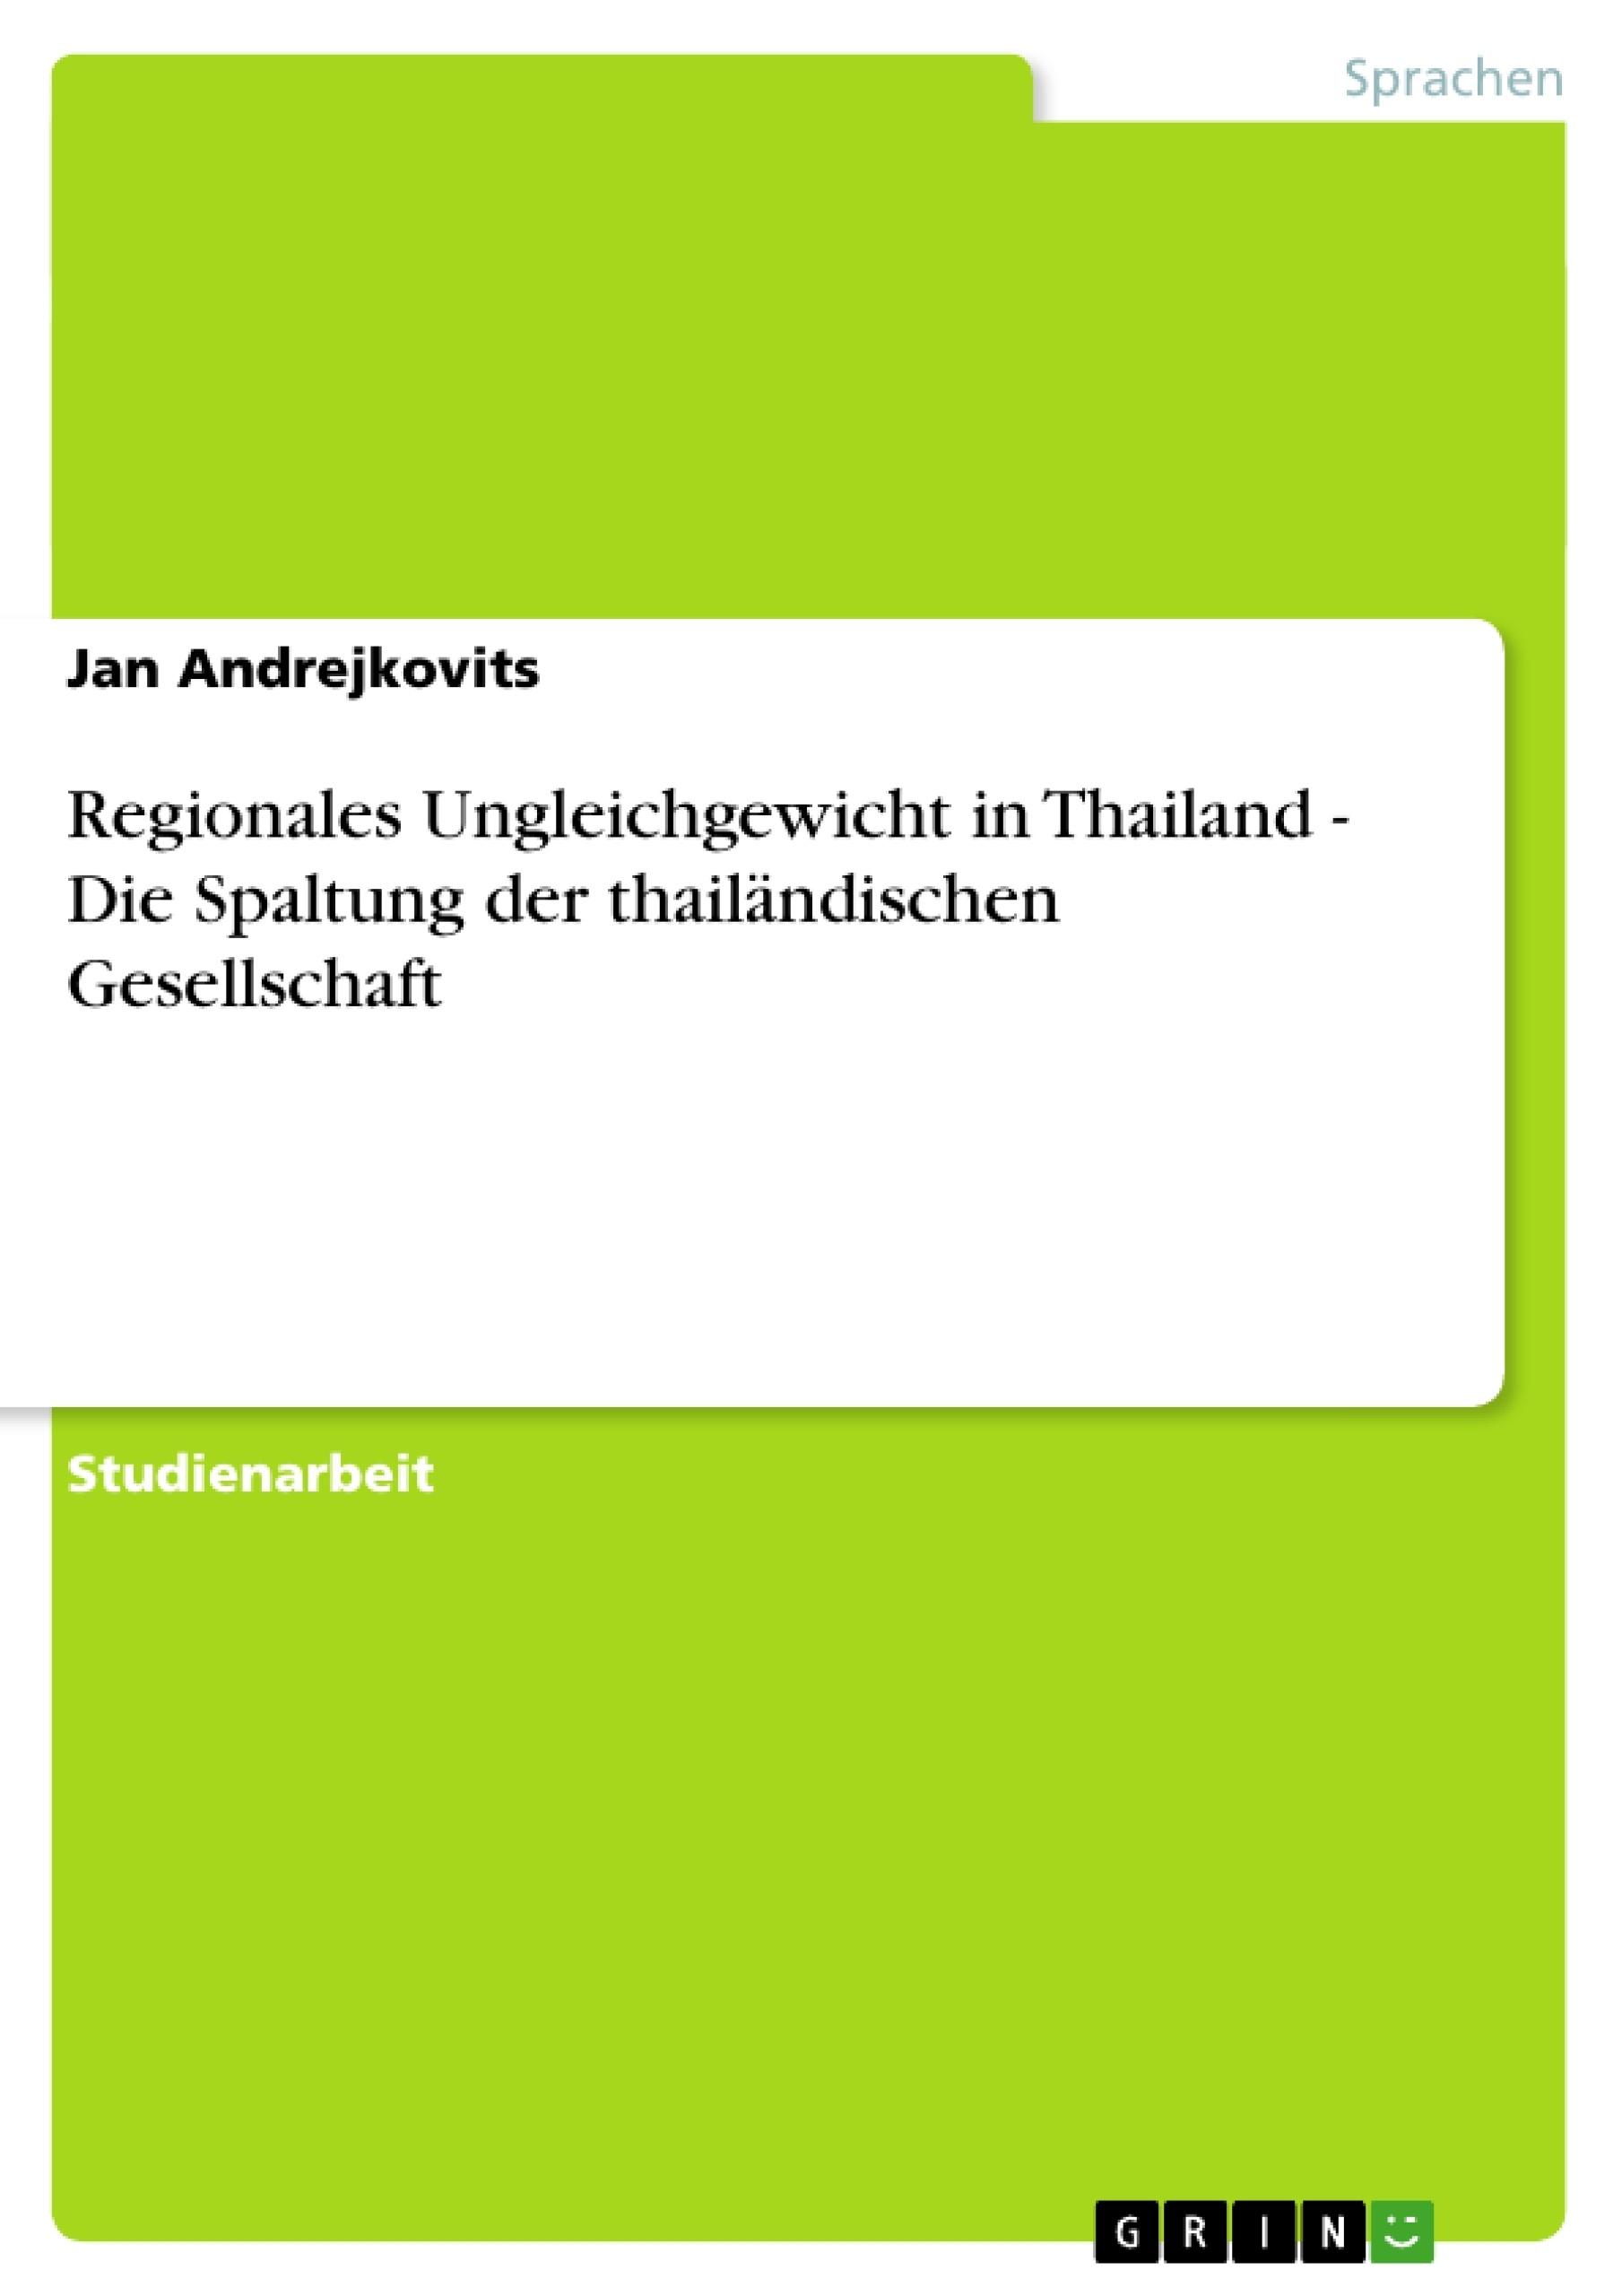 Titel: Regionales Ungleichgewicht in Thailand - Die Spaltung der thailändischen Gesellschaft